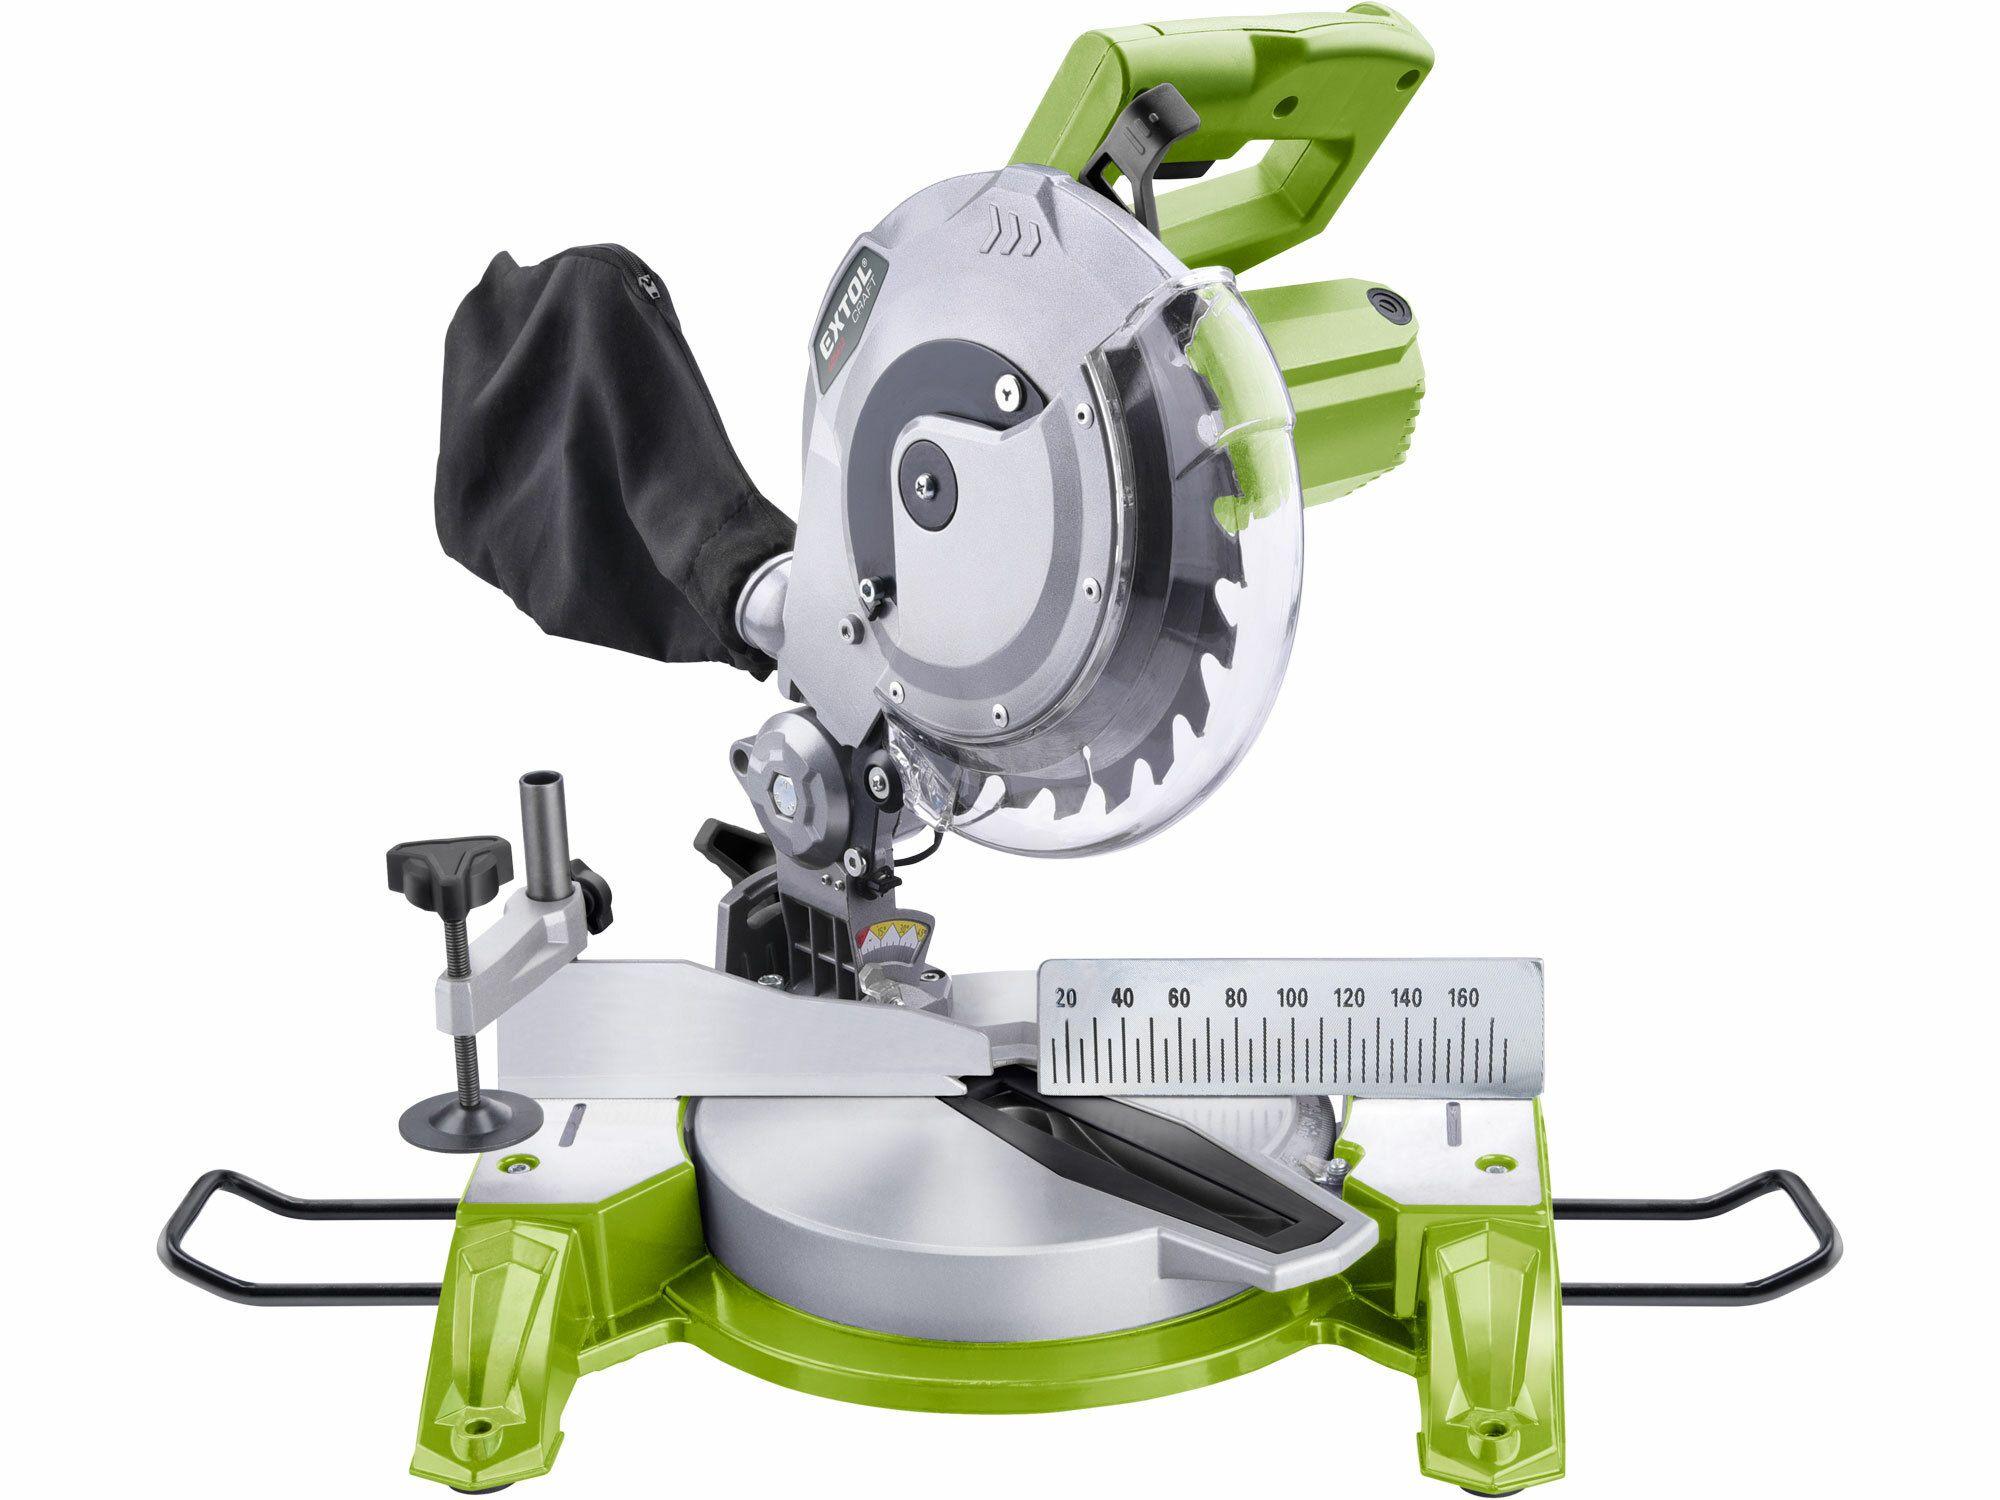 Pila pokosová s laserem, 210mm, 1450W, EXTOL CRAFT, 405412